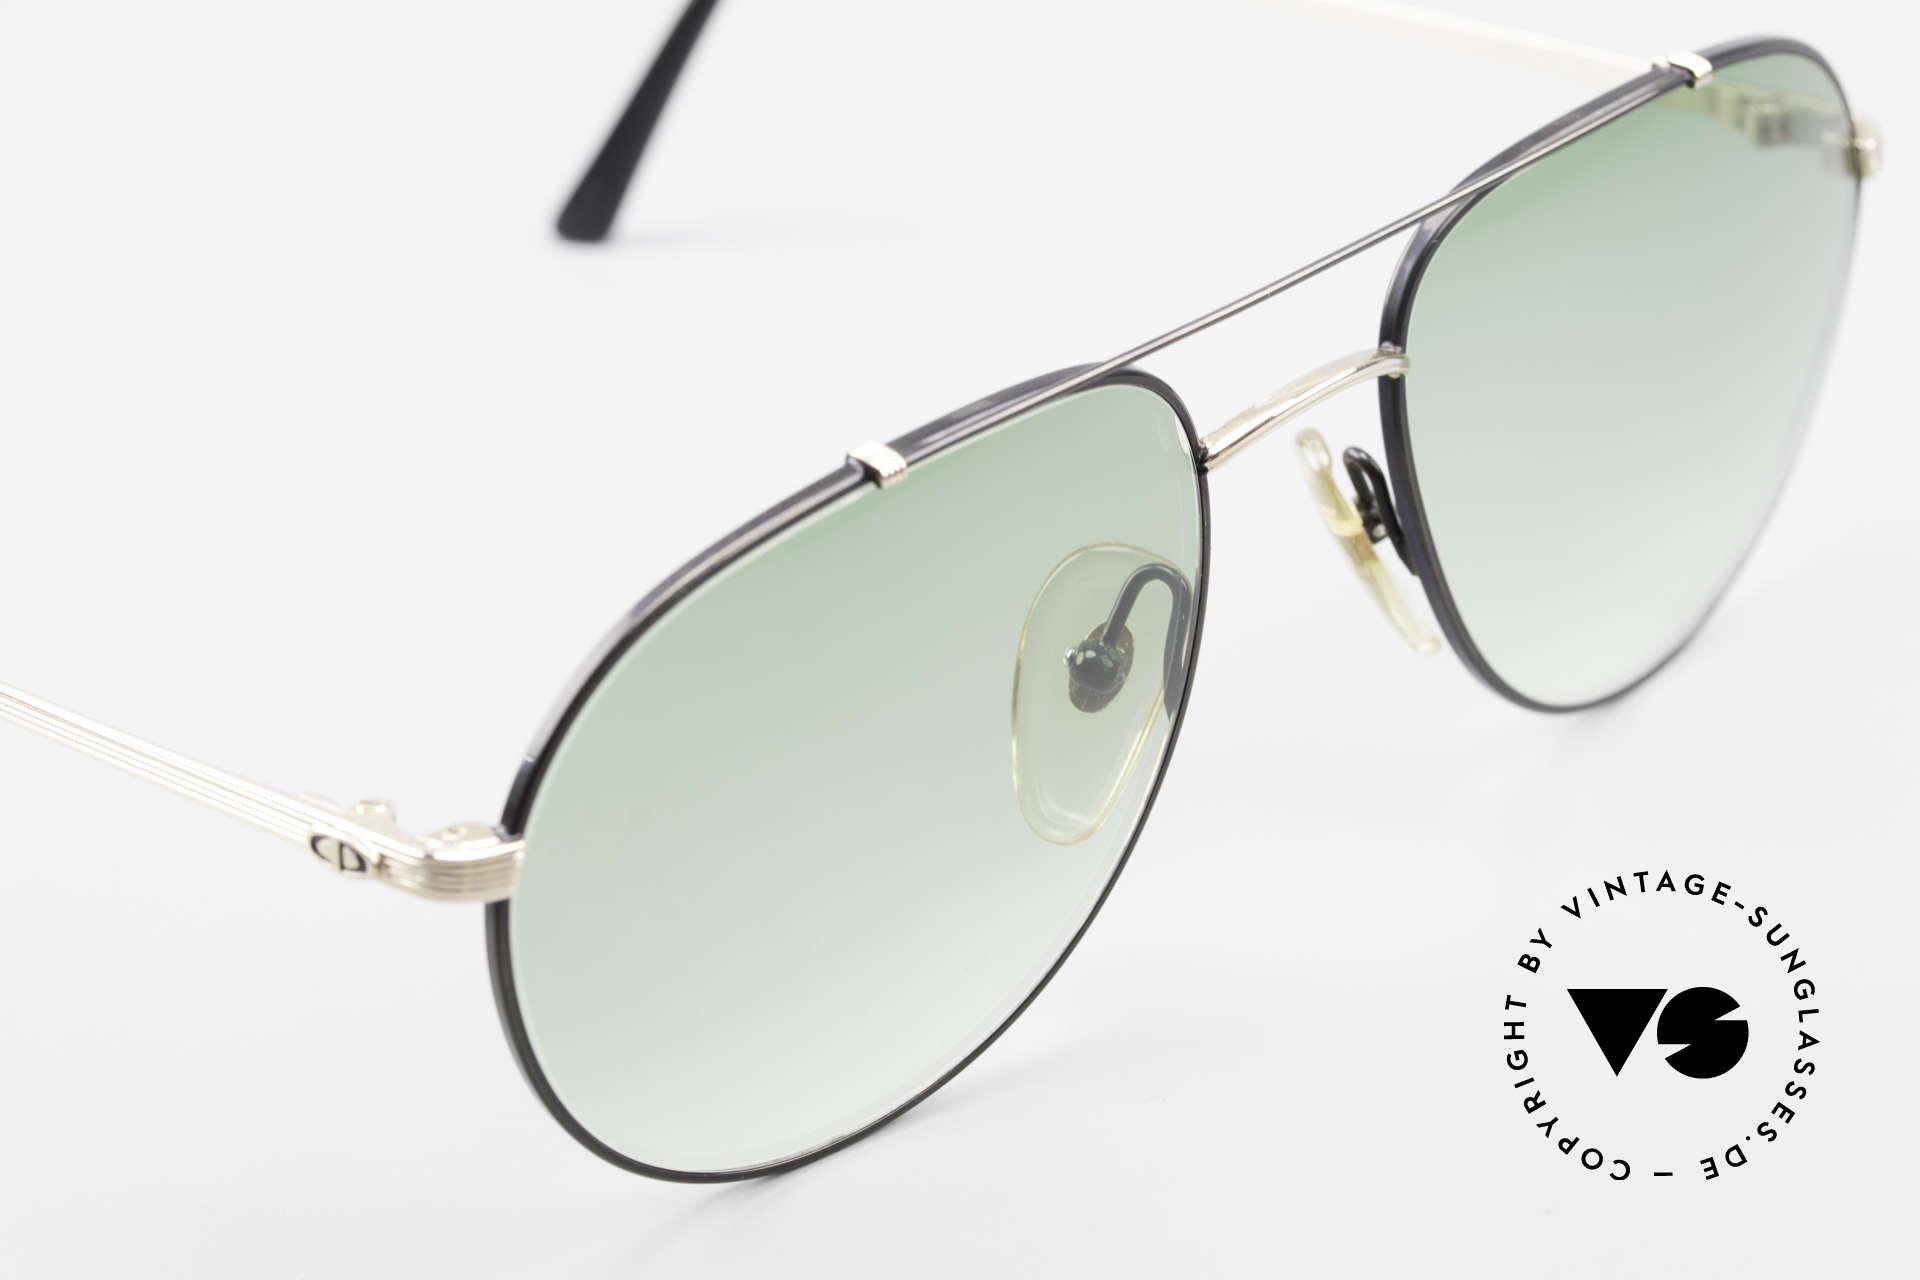 Christian Dior 2488 Rare 80's Aviator Sunglasses, NO RETRO shades, but an old original from 1987, Made for Men